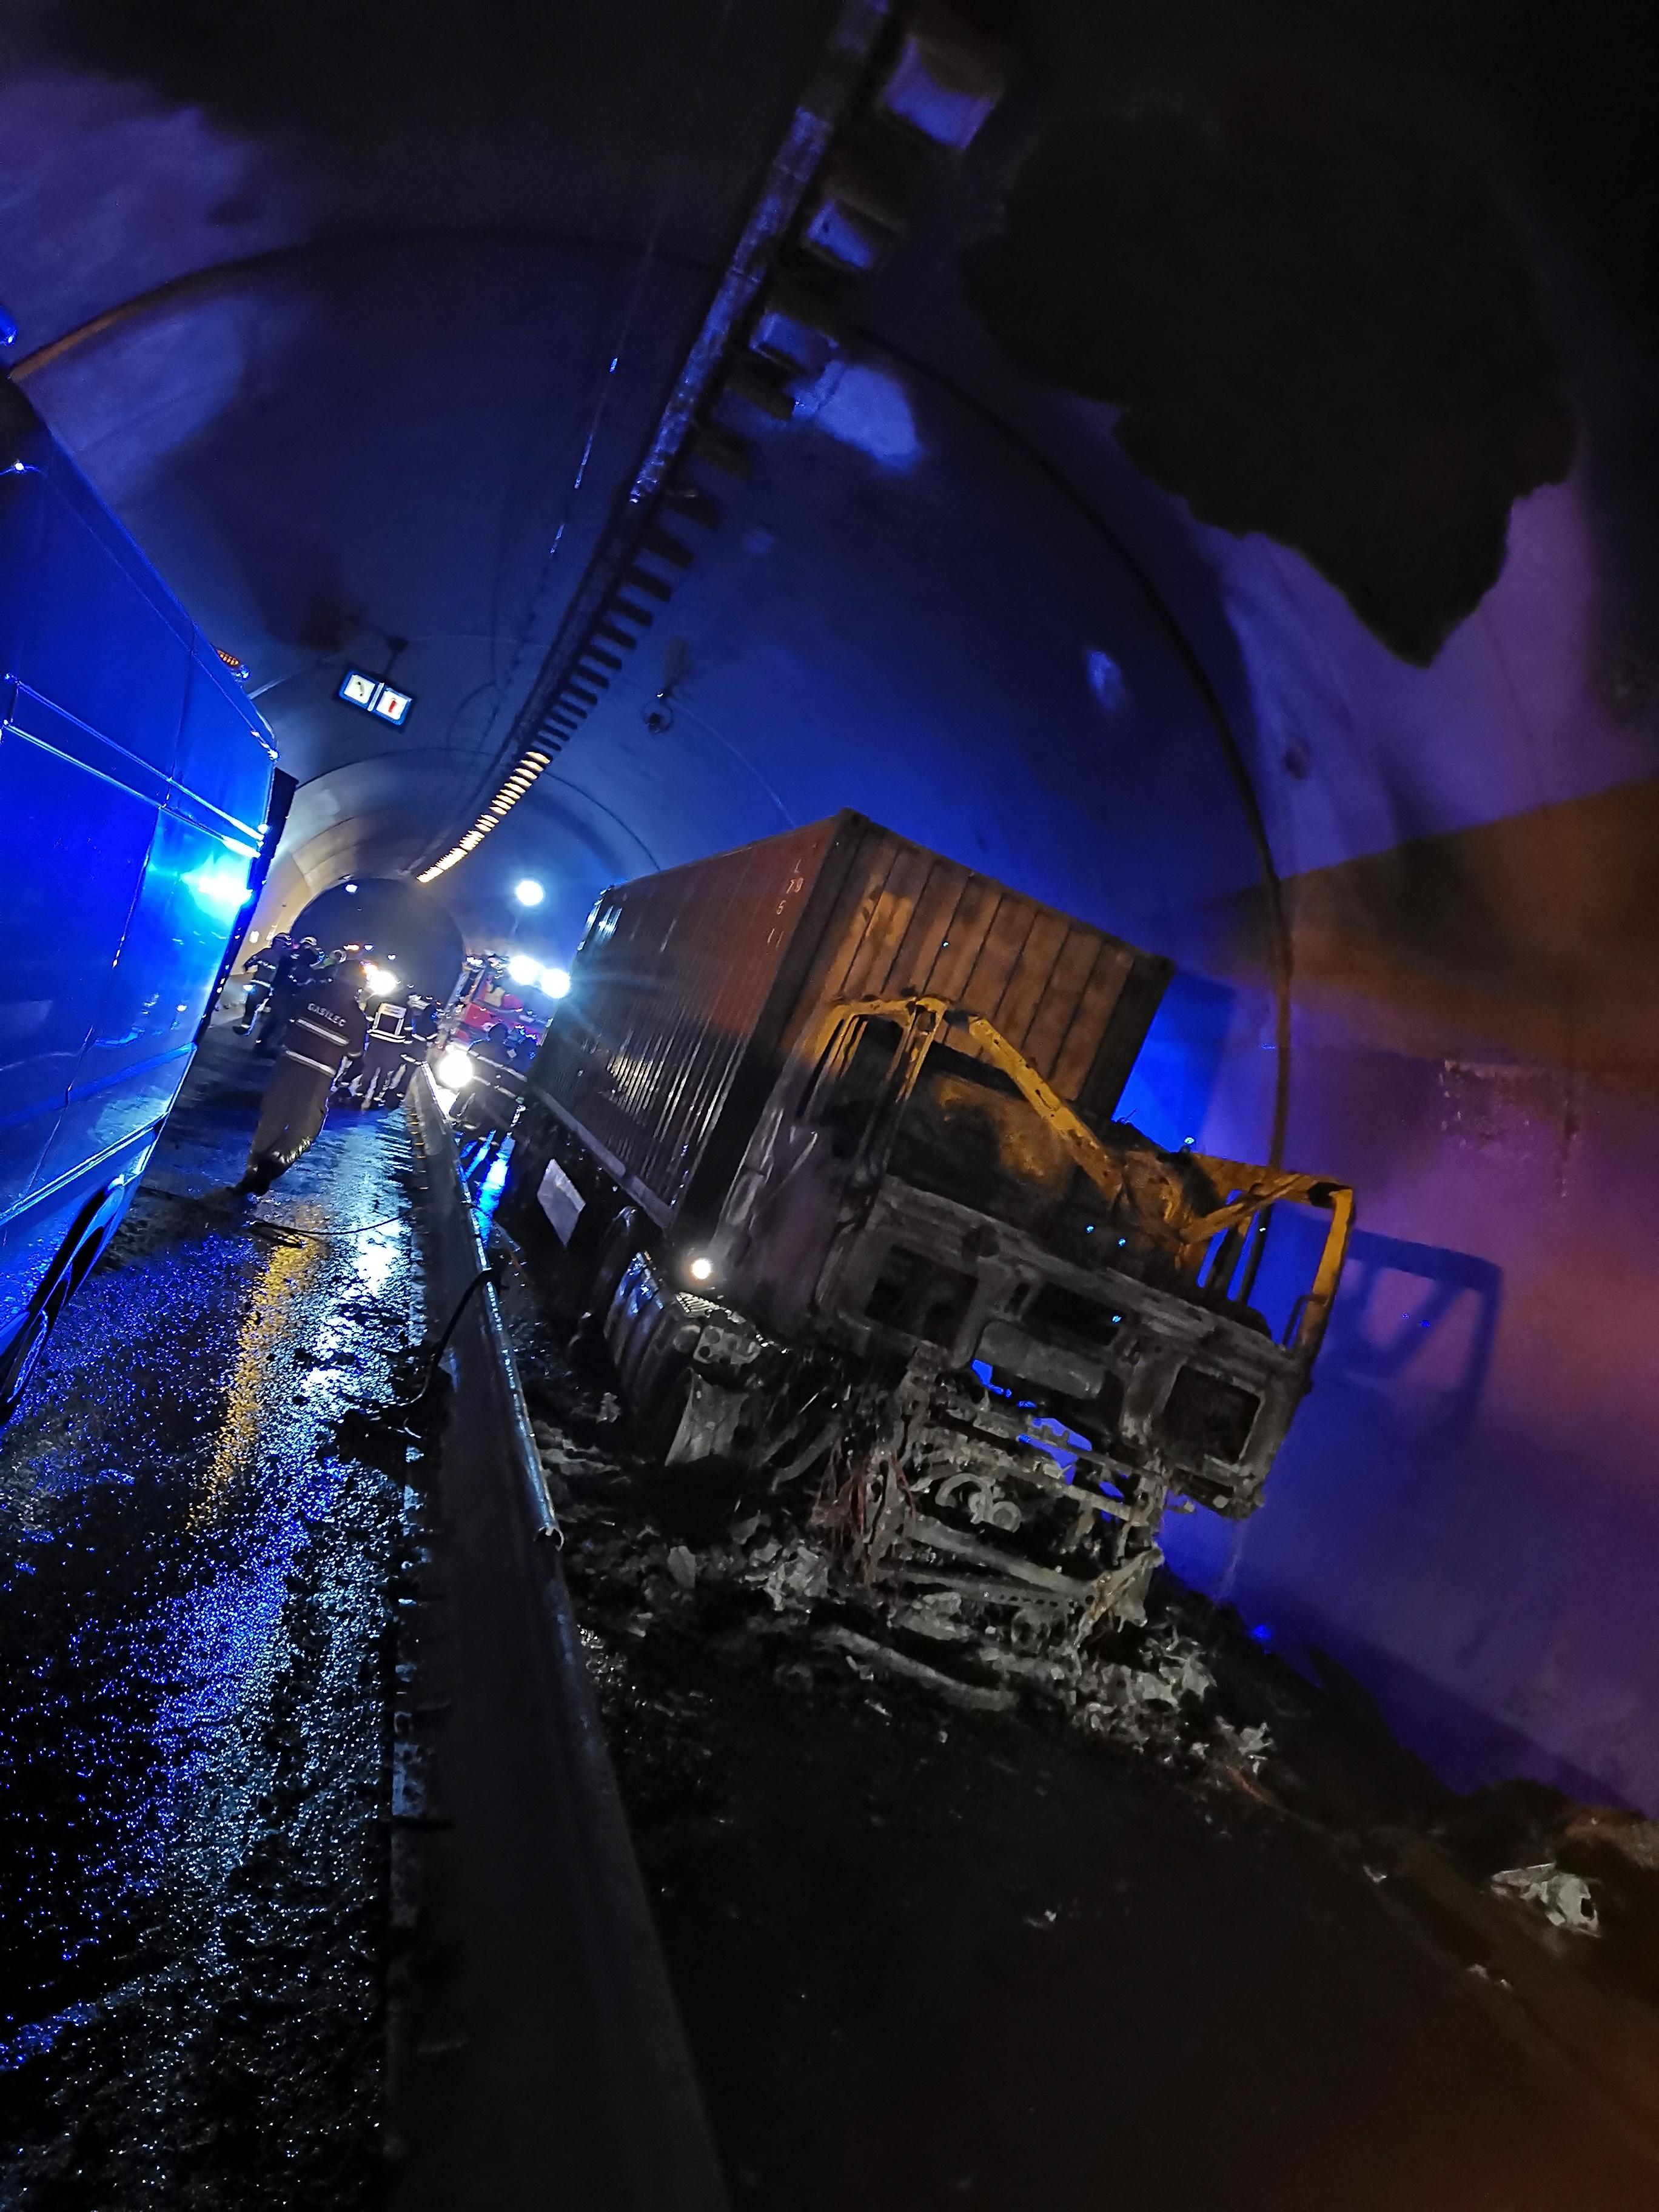 Zagorel tovornjak v predoru Barnica!